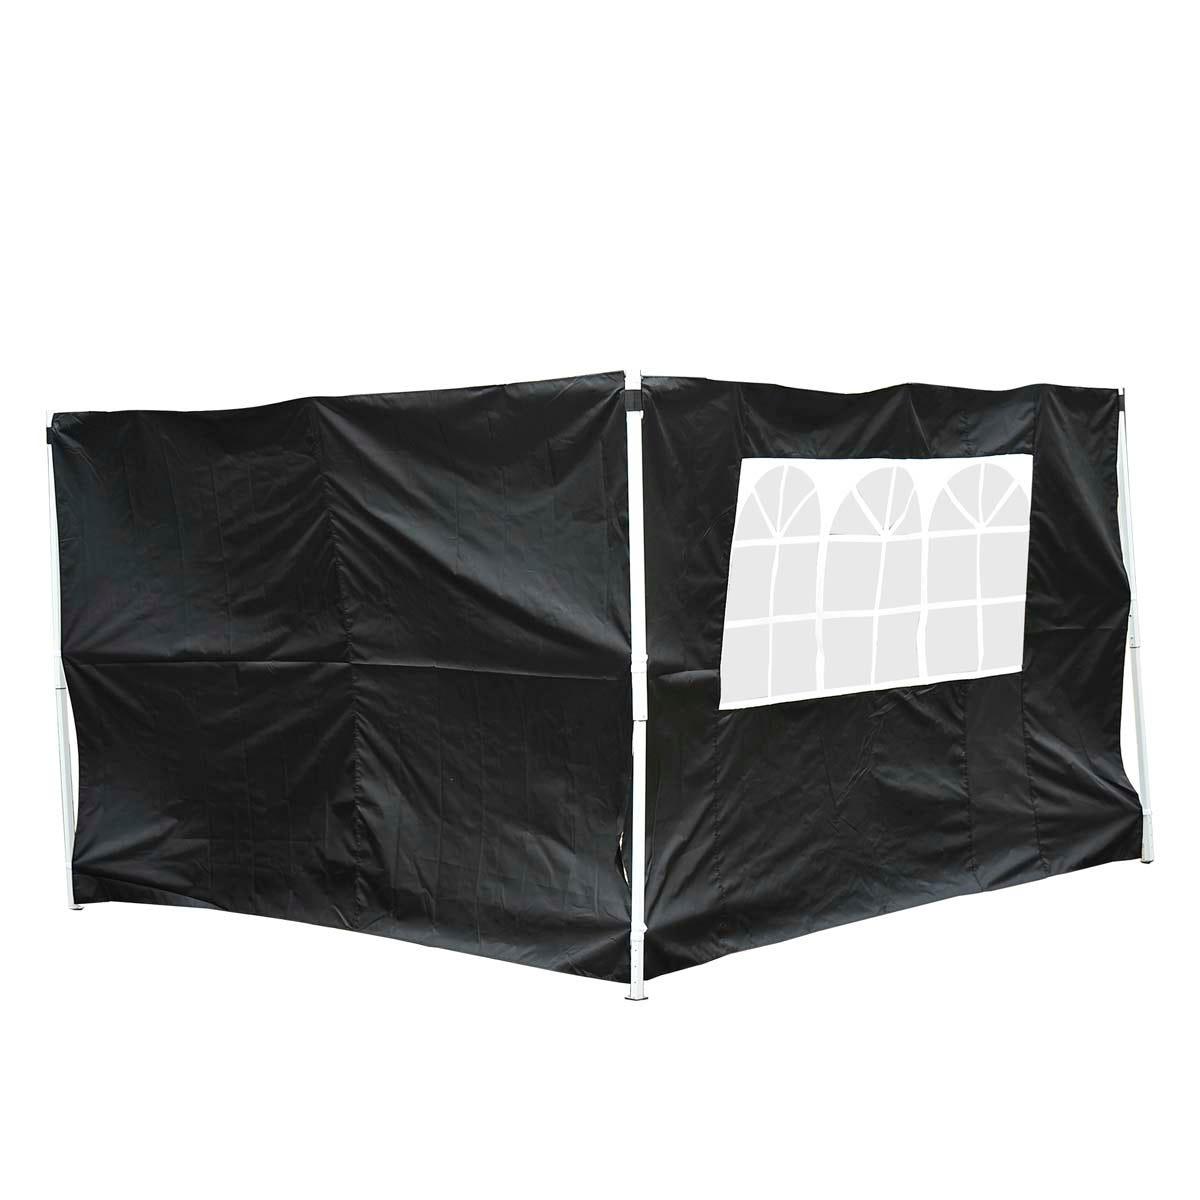 Outsunny 3m Replacement Gazebo Side Panels - Black